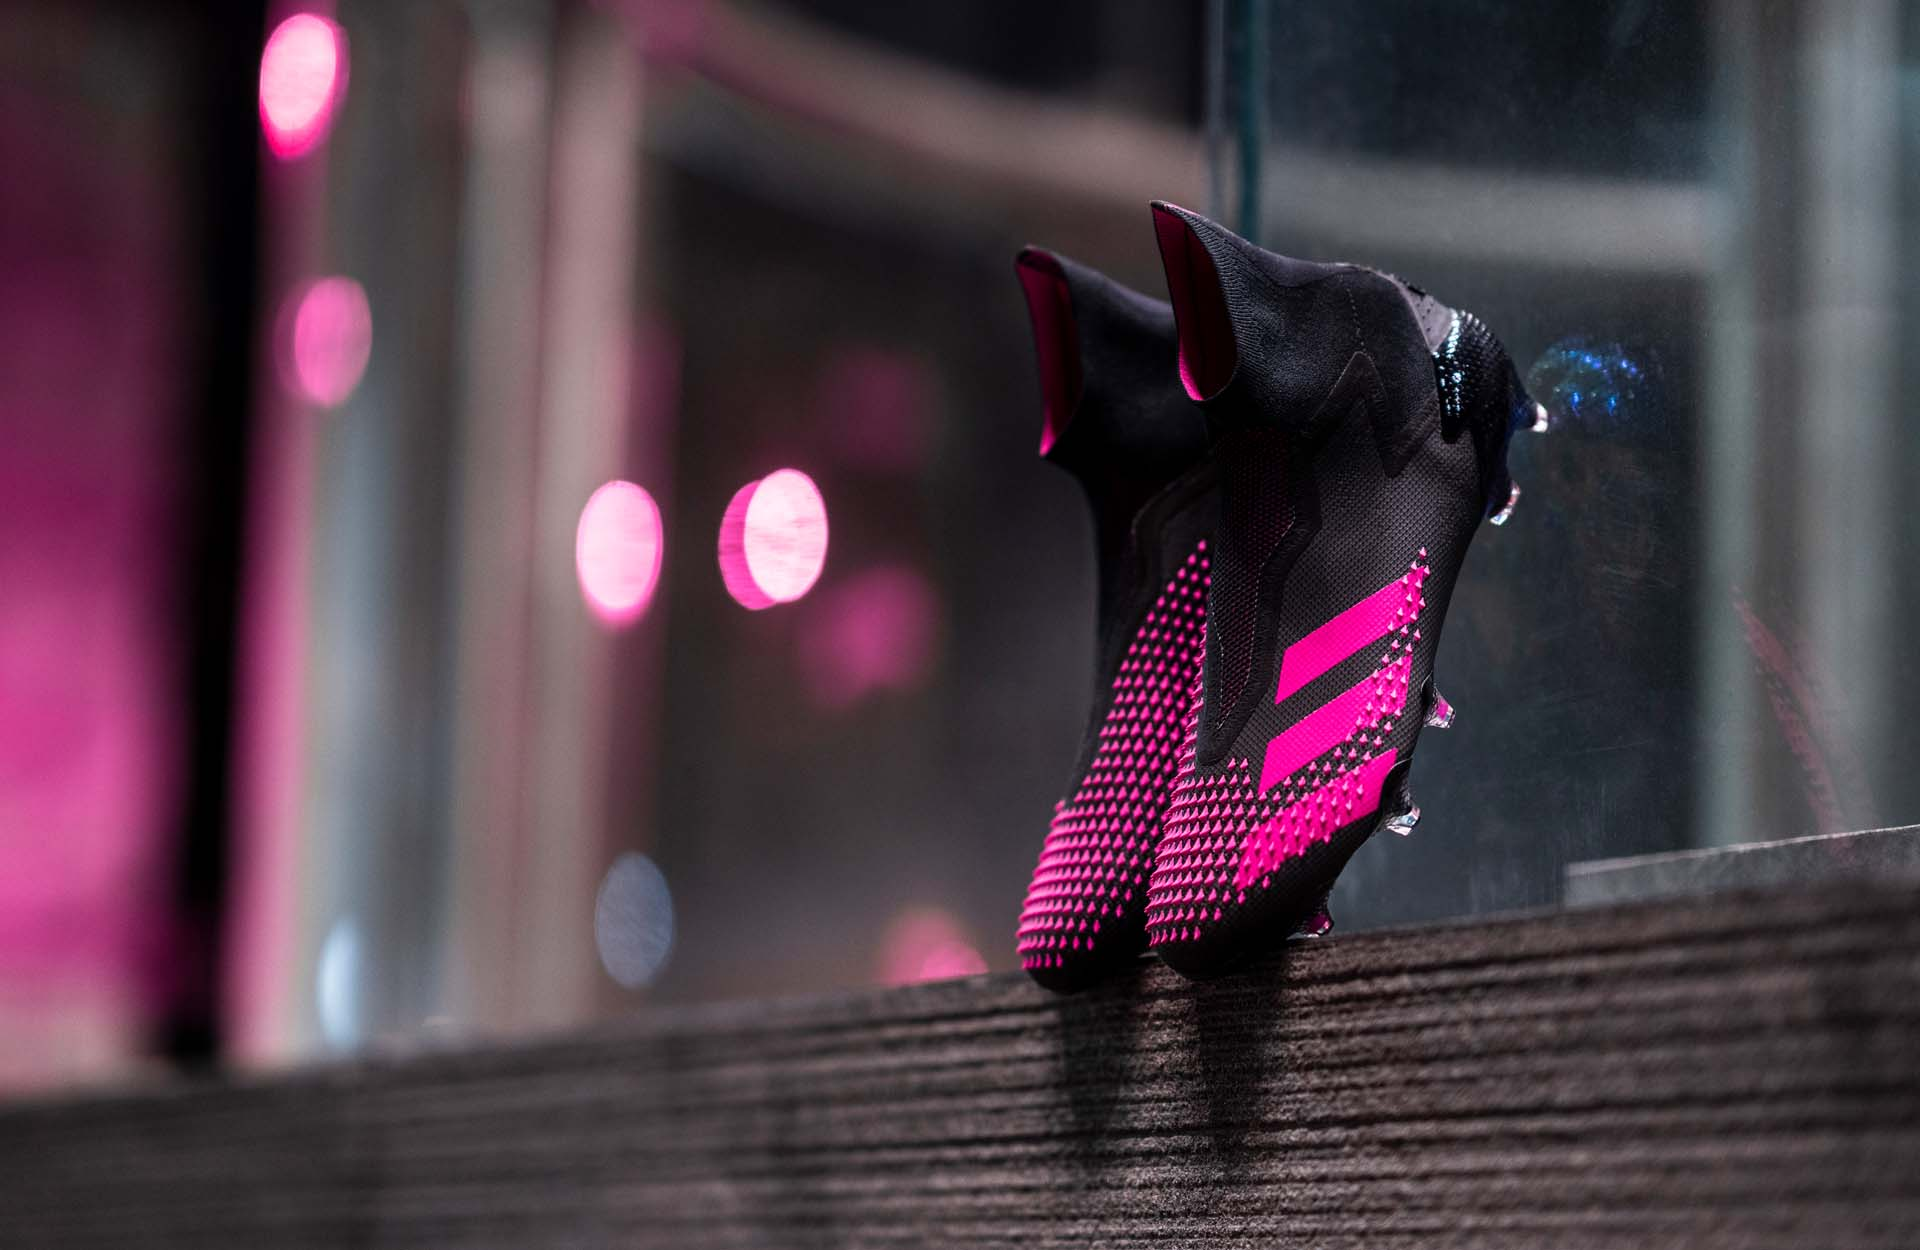 Form giày tuyệt đẹp của giày đá banh sân cỏ tự nhiên Predator 20+ FG đen hồng